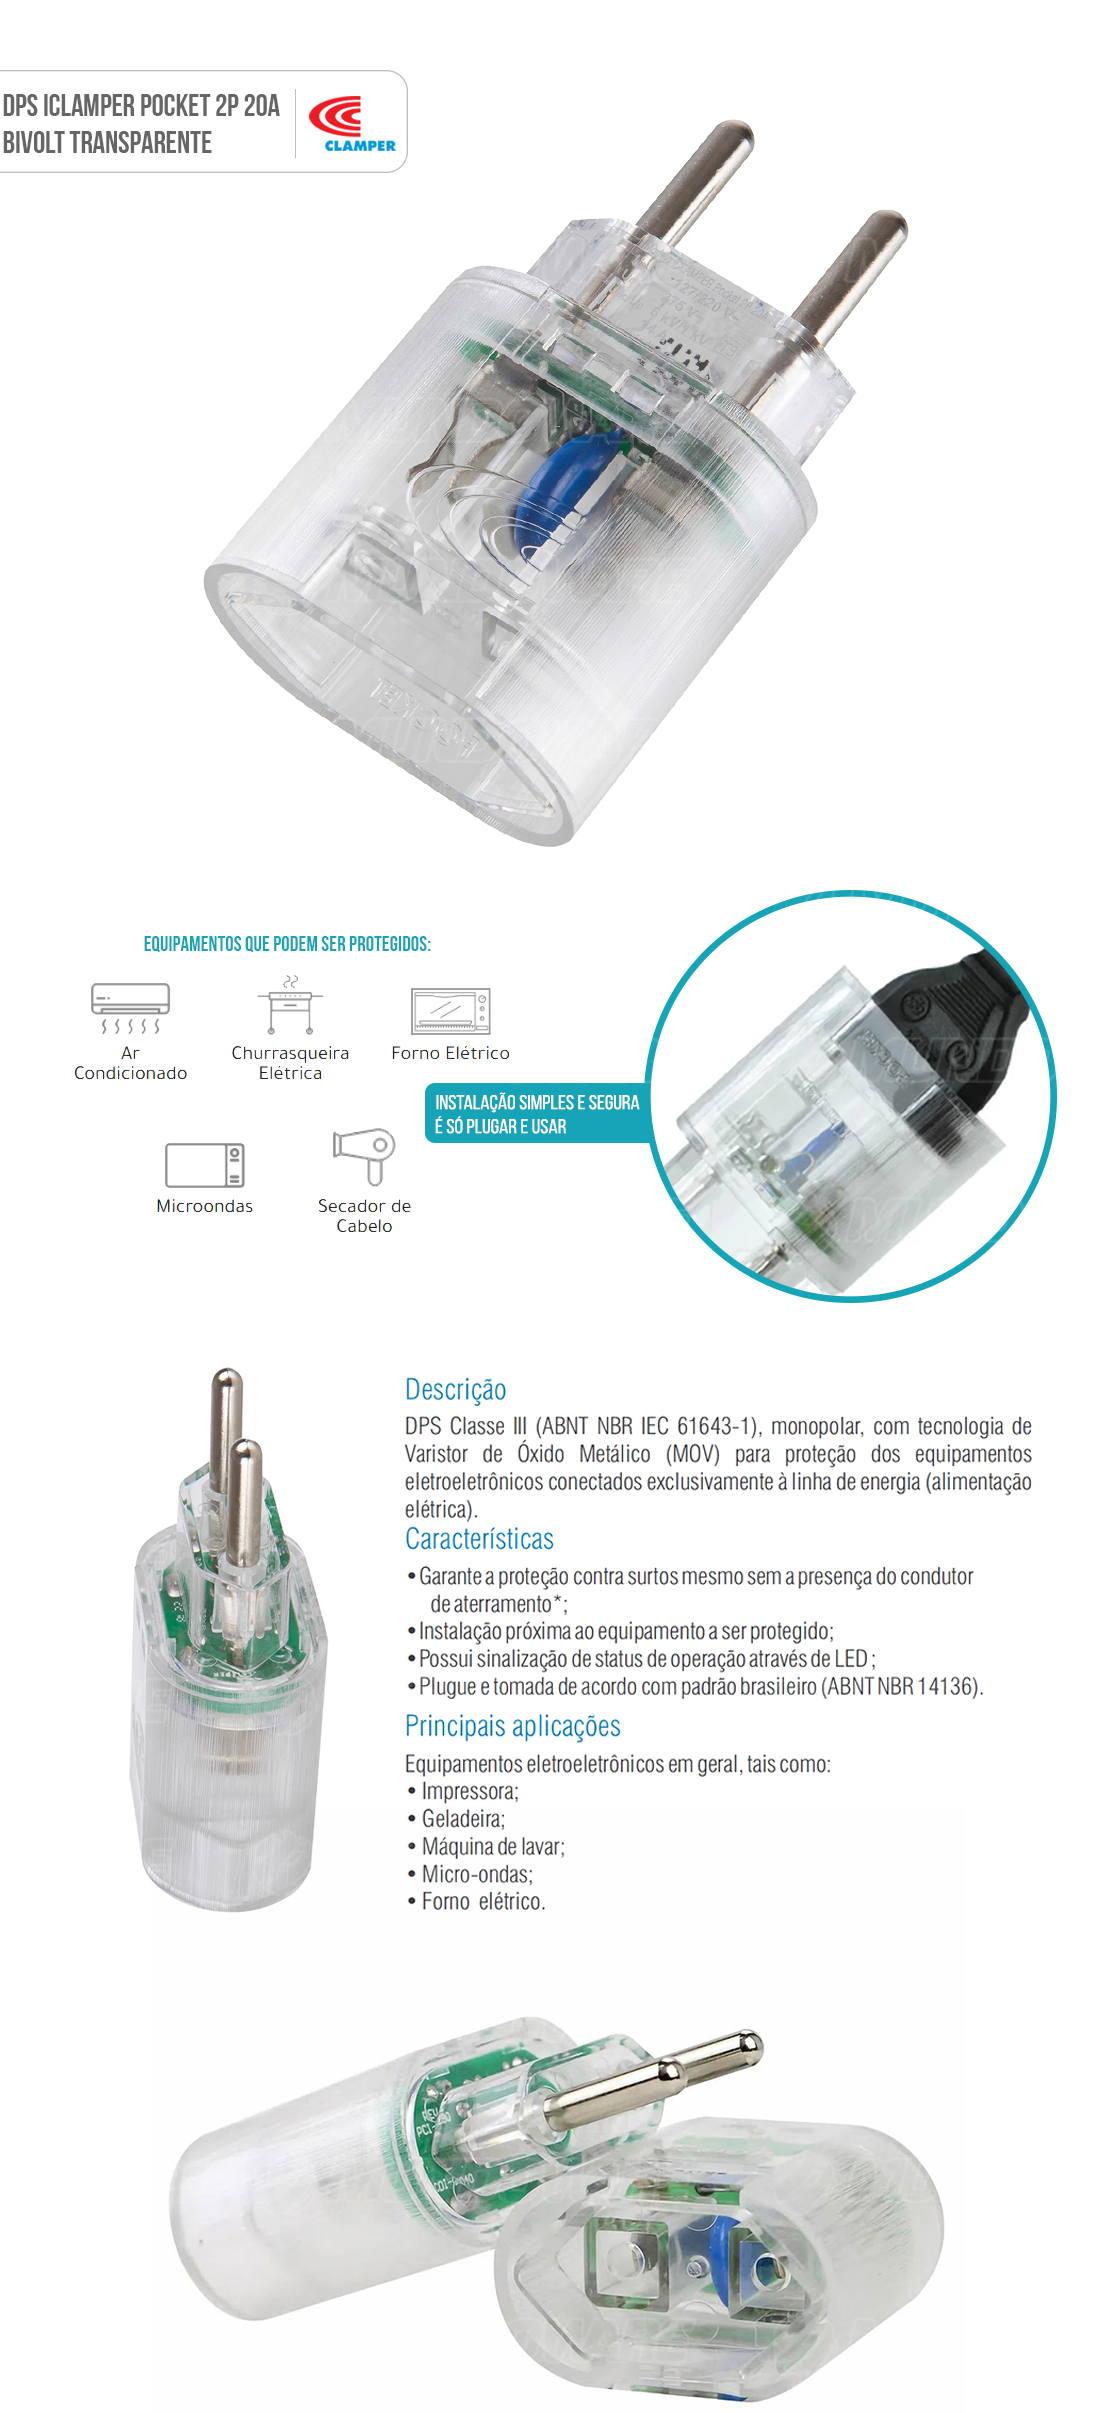 DPS Clamper Pocket iClamper 2P 20A Transparente Proteção Total Contra Raios e Surtos Elétricos para seus Eletroeletrônicos